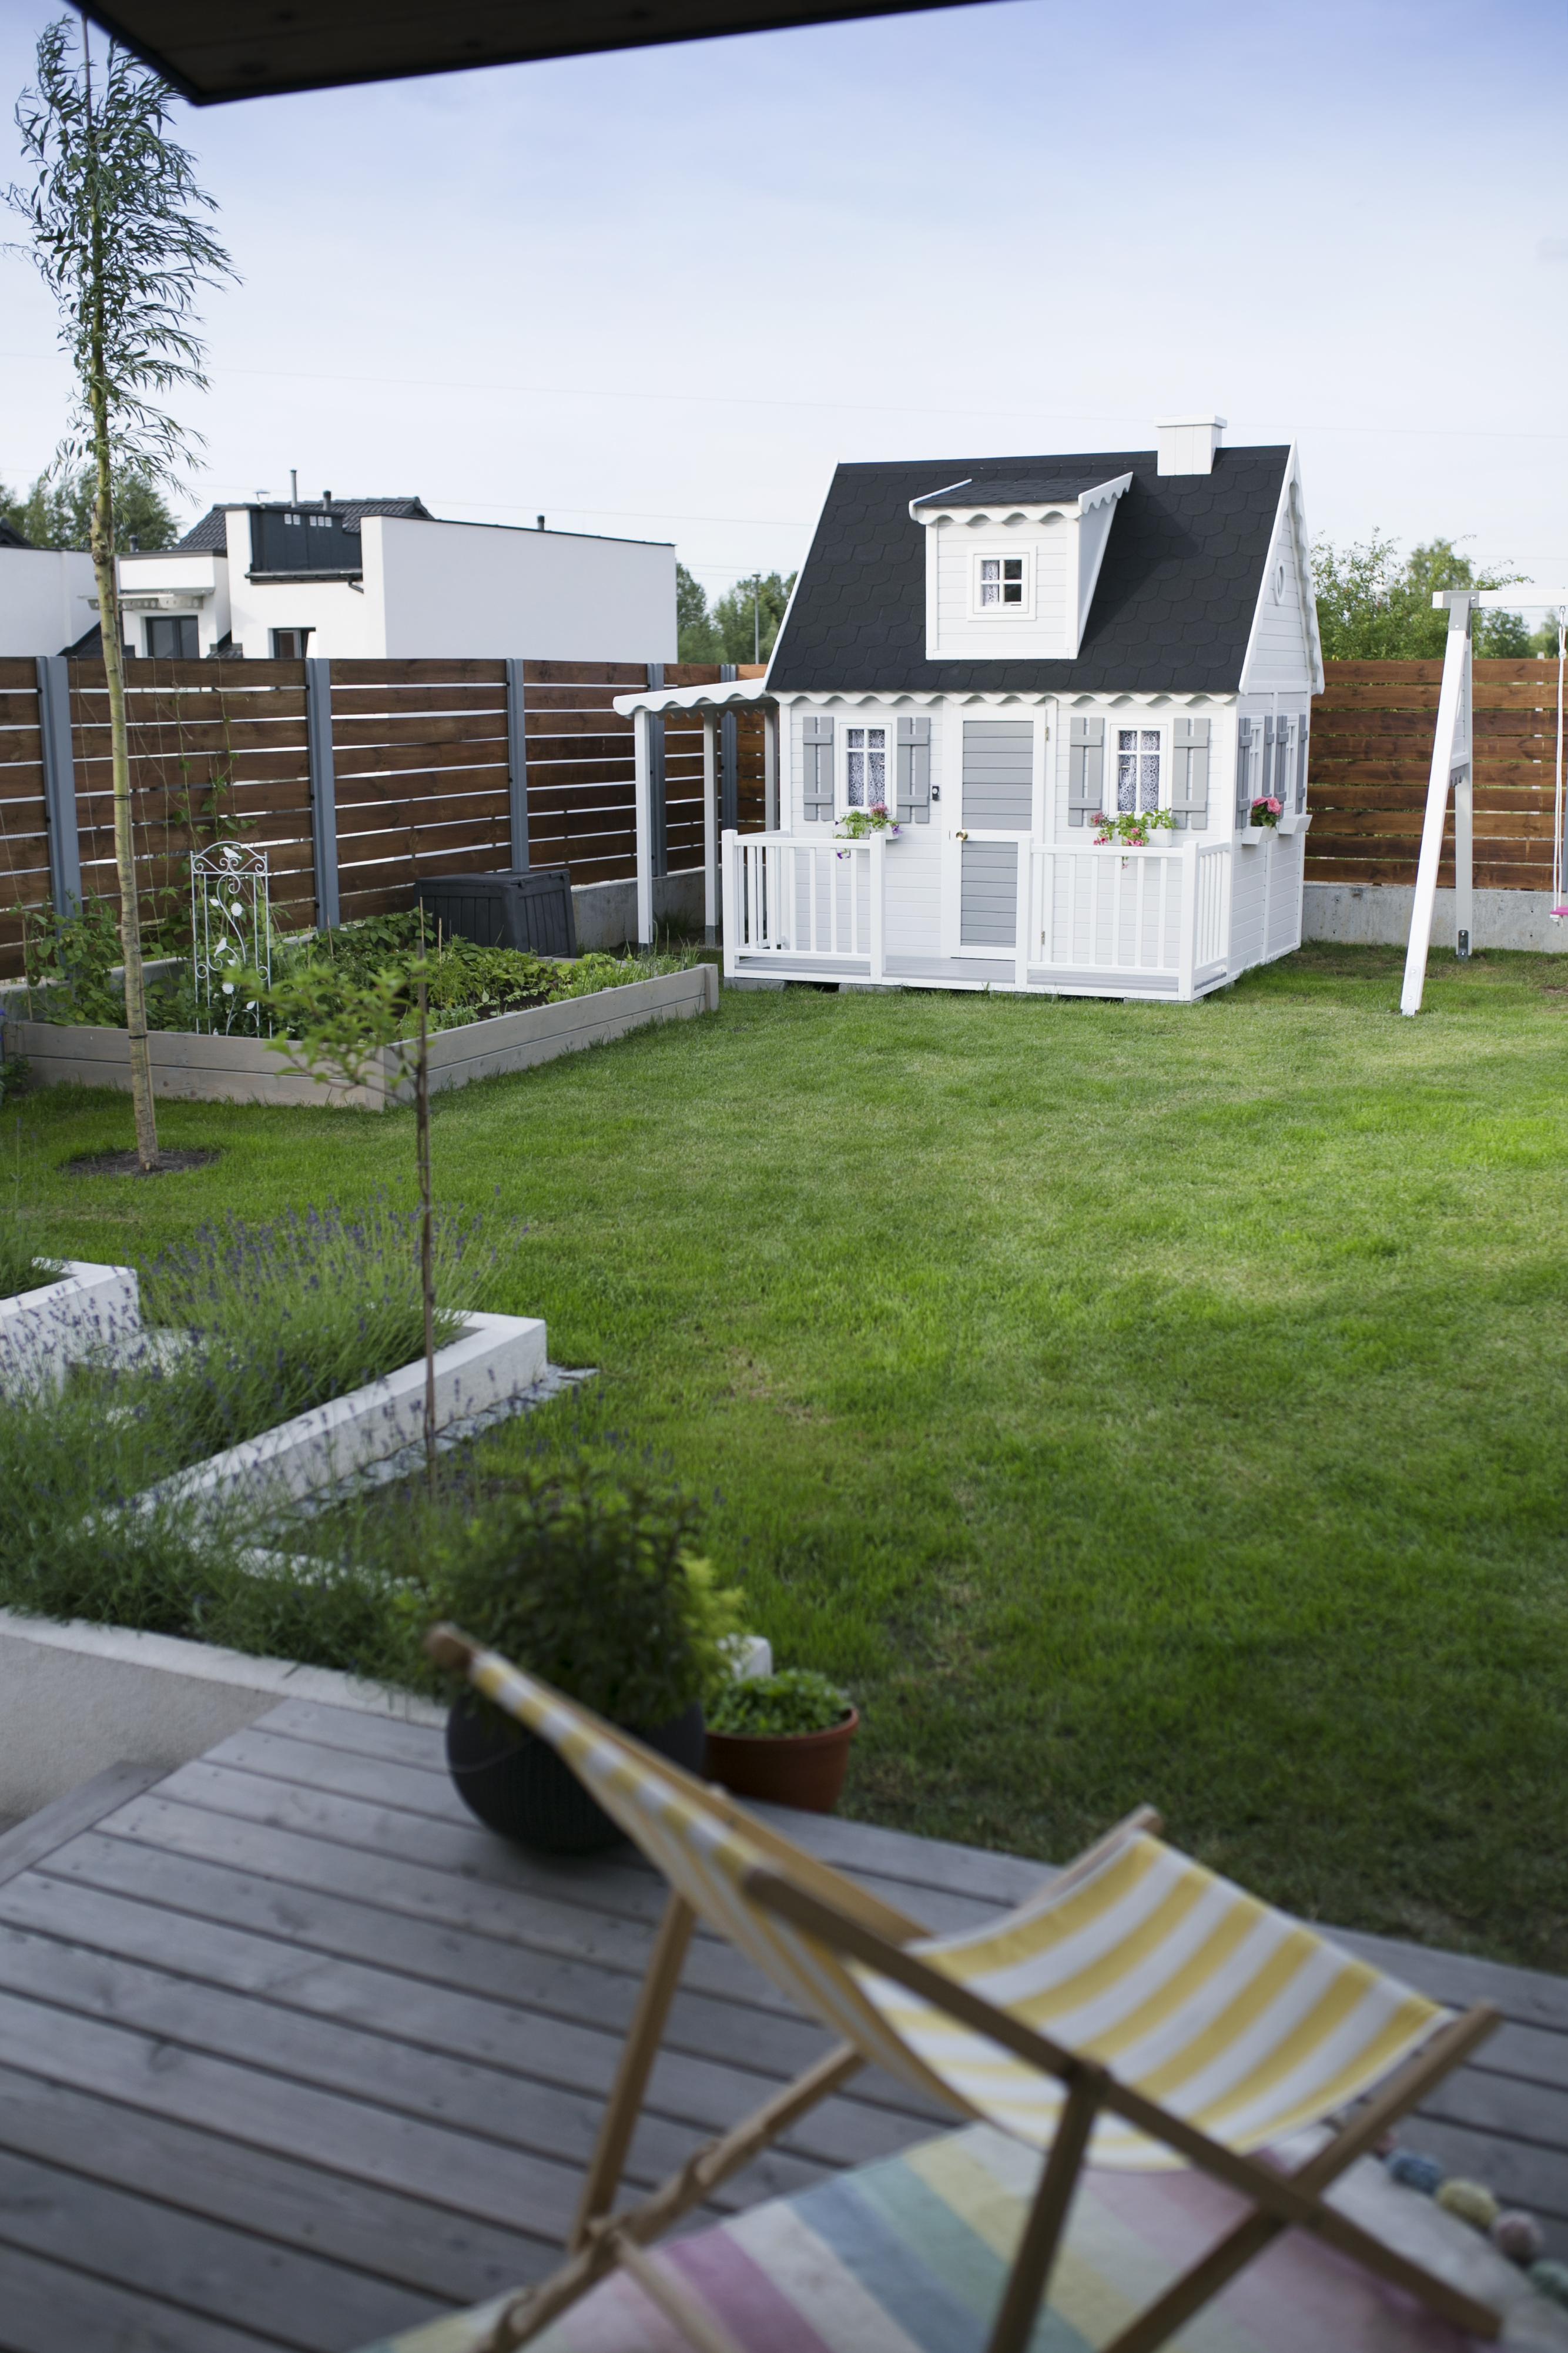 domek drewniany biały, domek ogrodowy dla dzieci, huśtawki drewniane